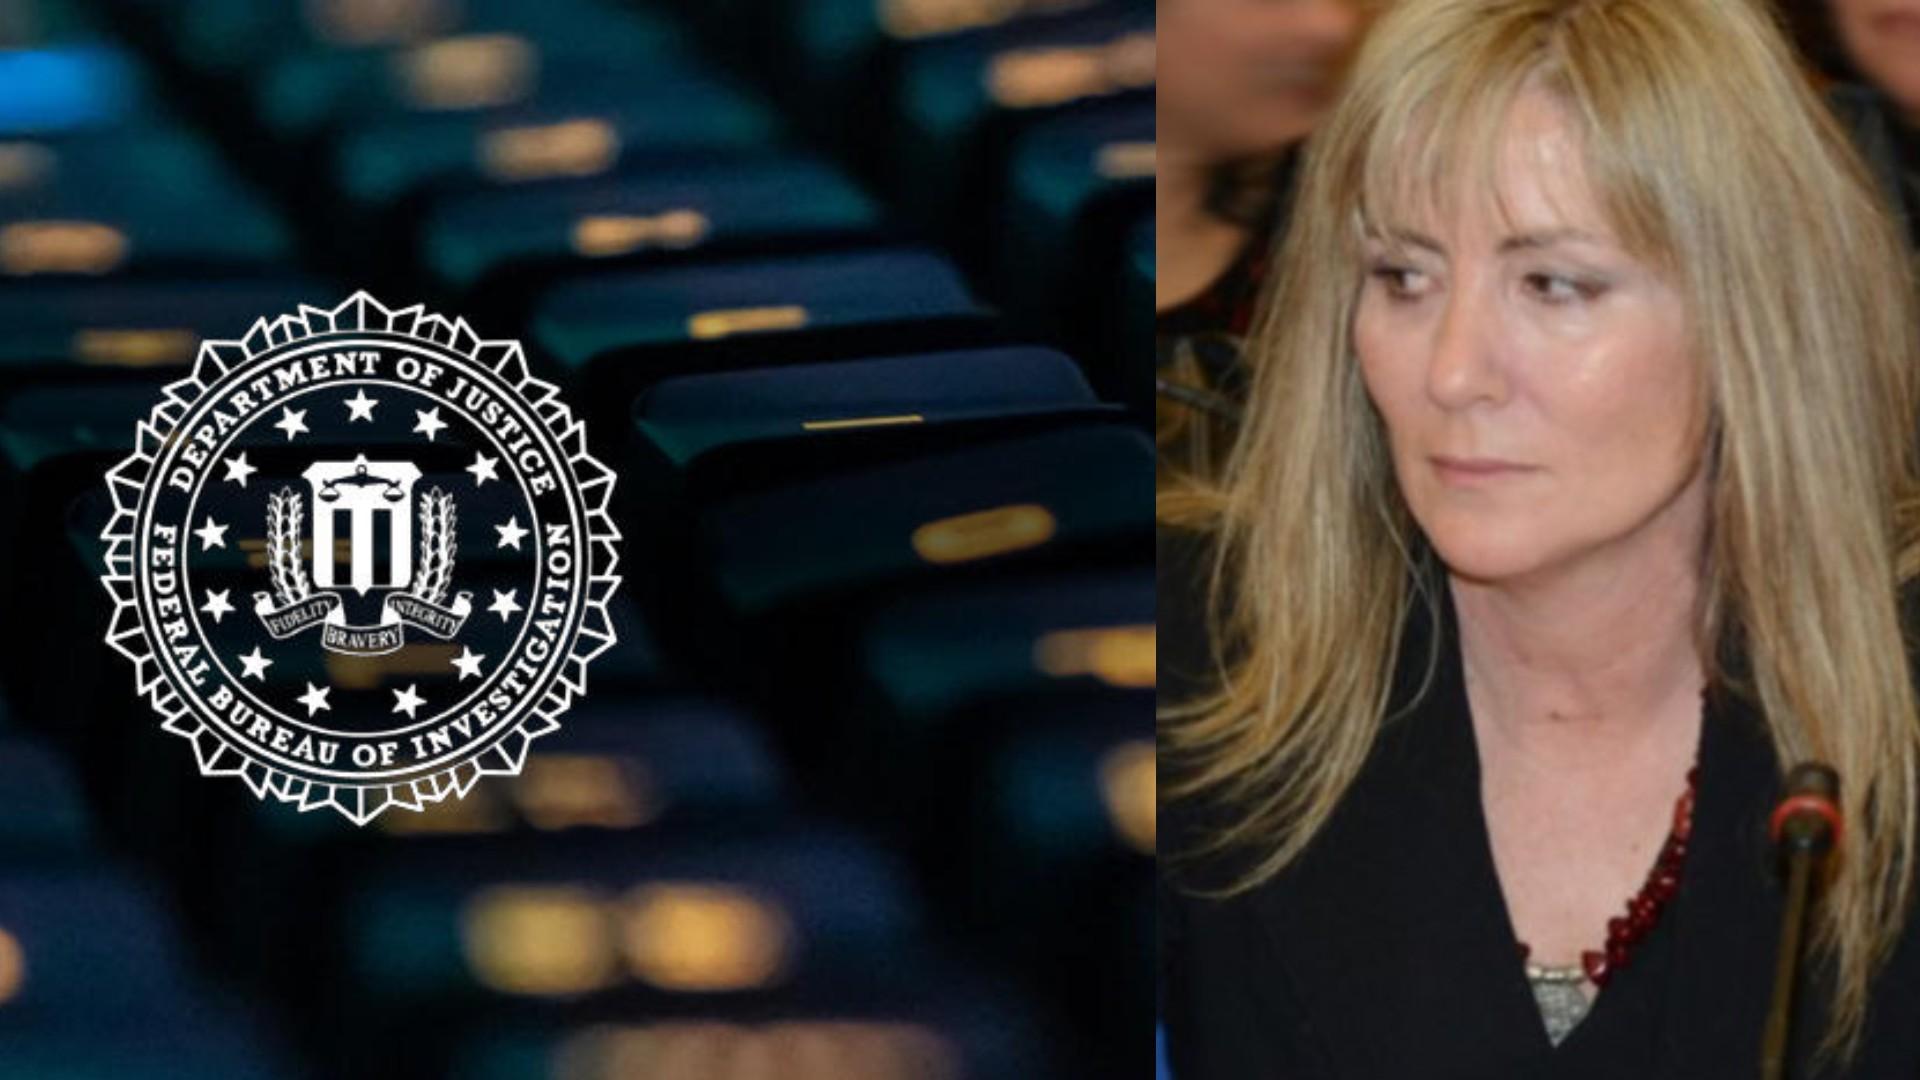 Απόρρητα FBI: Η Τουλουπάκη στέλνει στον εισαγγελέα τον Αγγελή για την αποκάλυψη εγγράφου «περί μη ευθύνης πολιτικών»